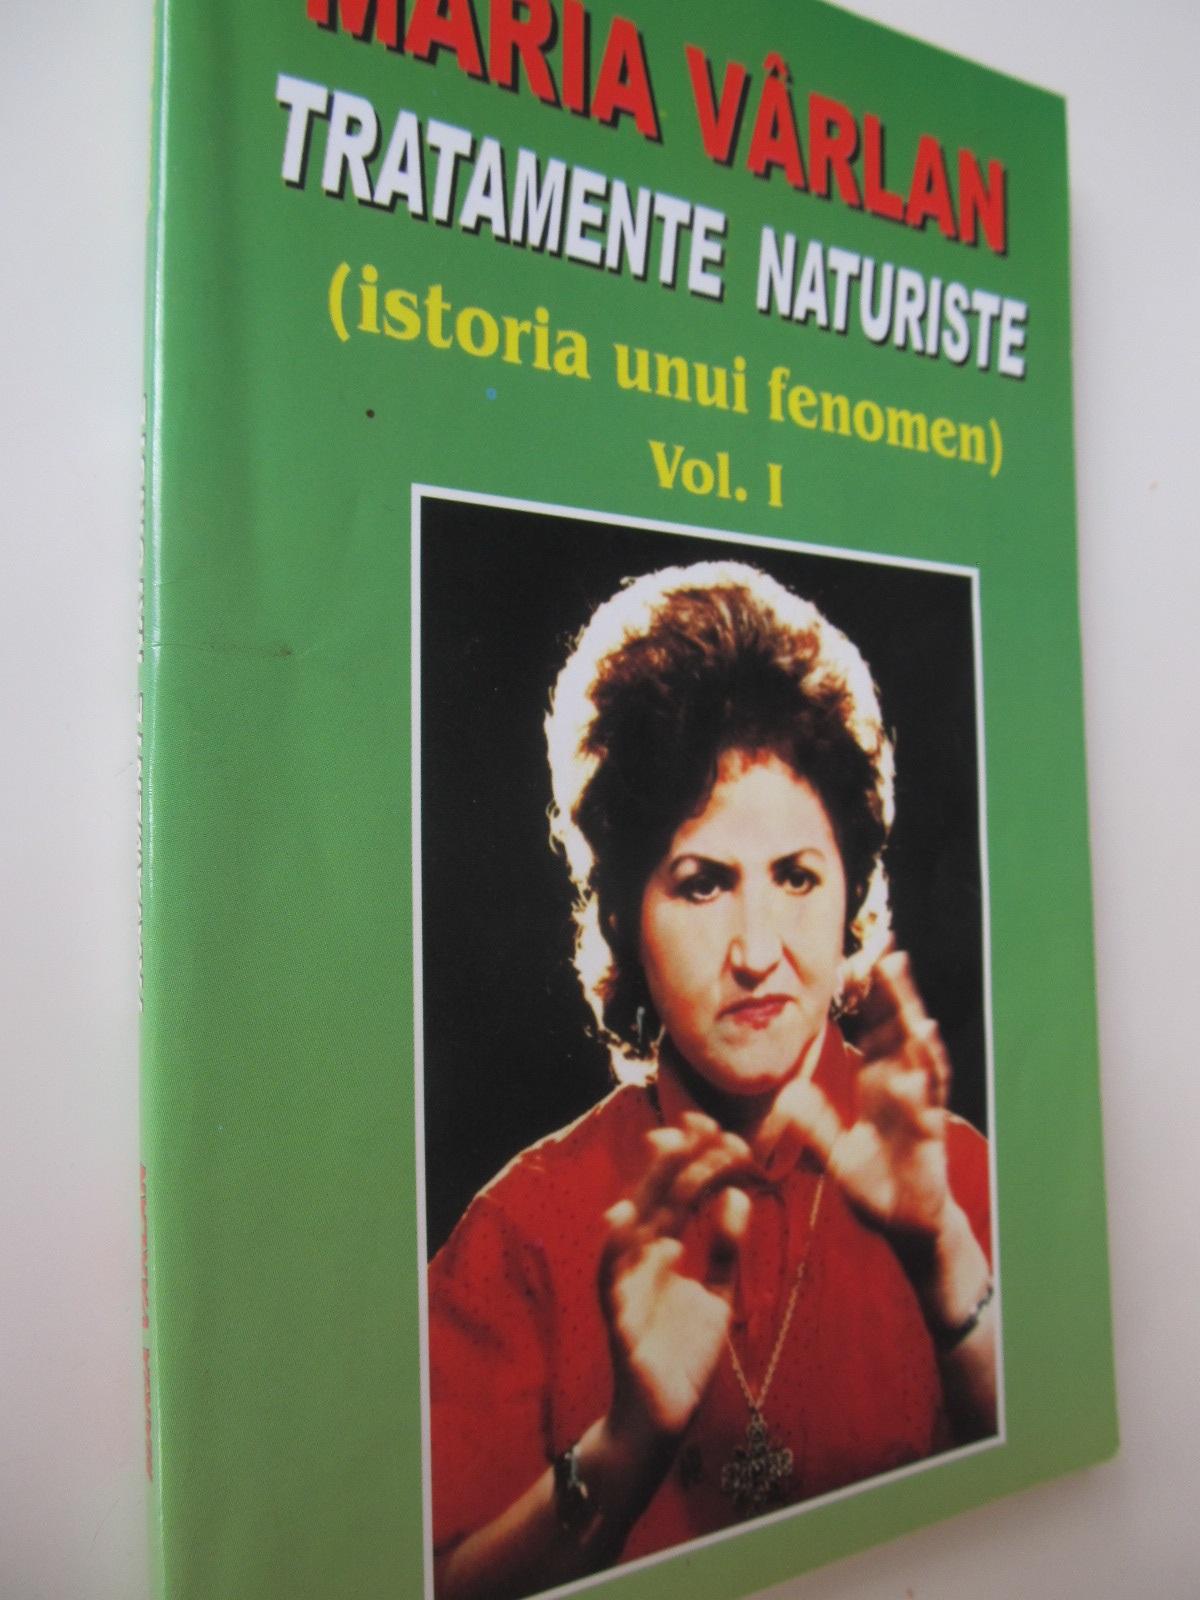 Tratamente naturiste - Istoria unui fenomen (vol 1) - Maria Varlan | Detalii carte